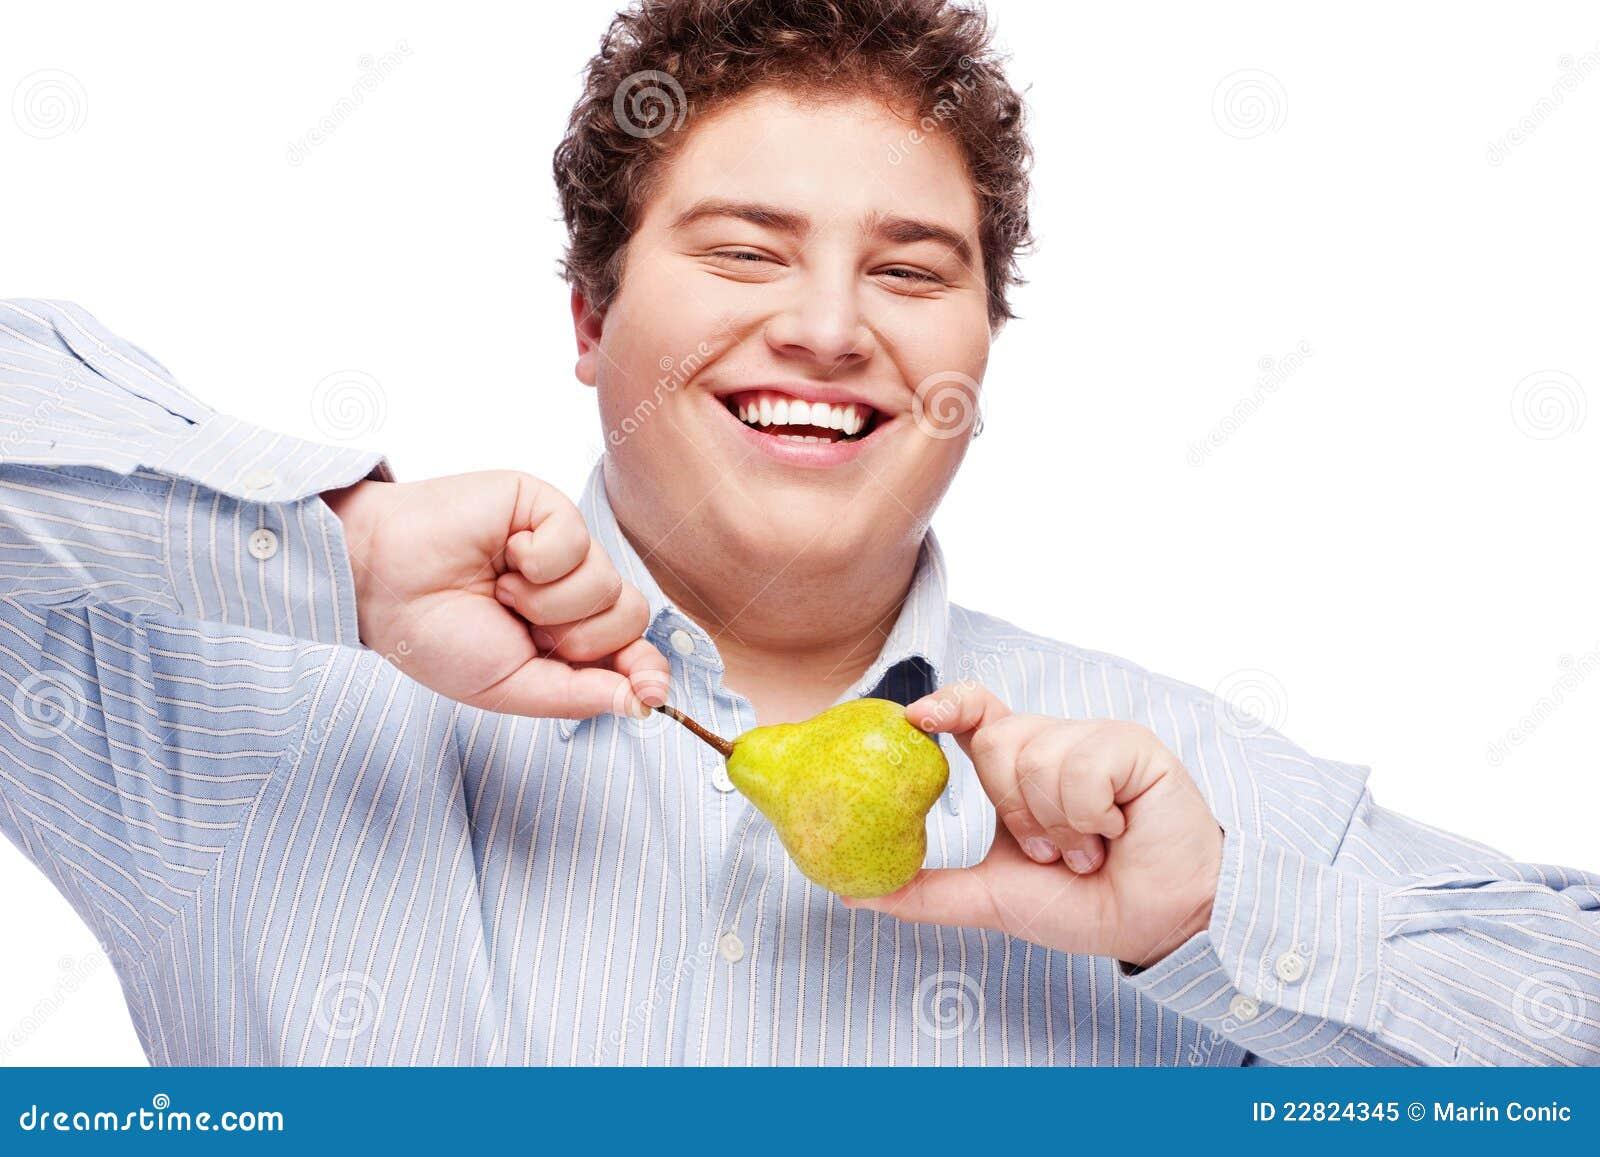 chubby production mannie Boy fresh